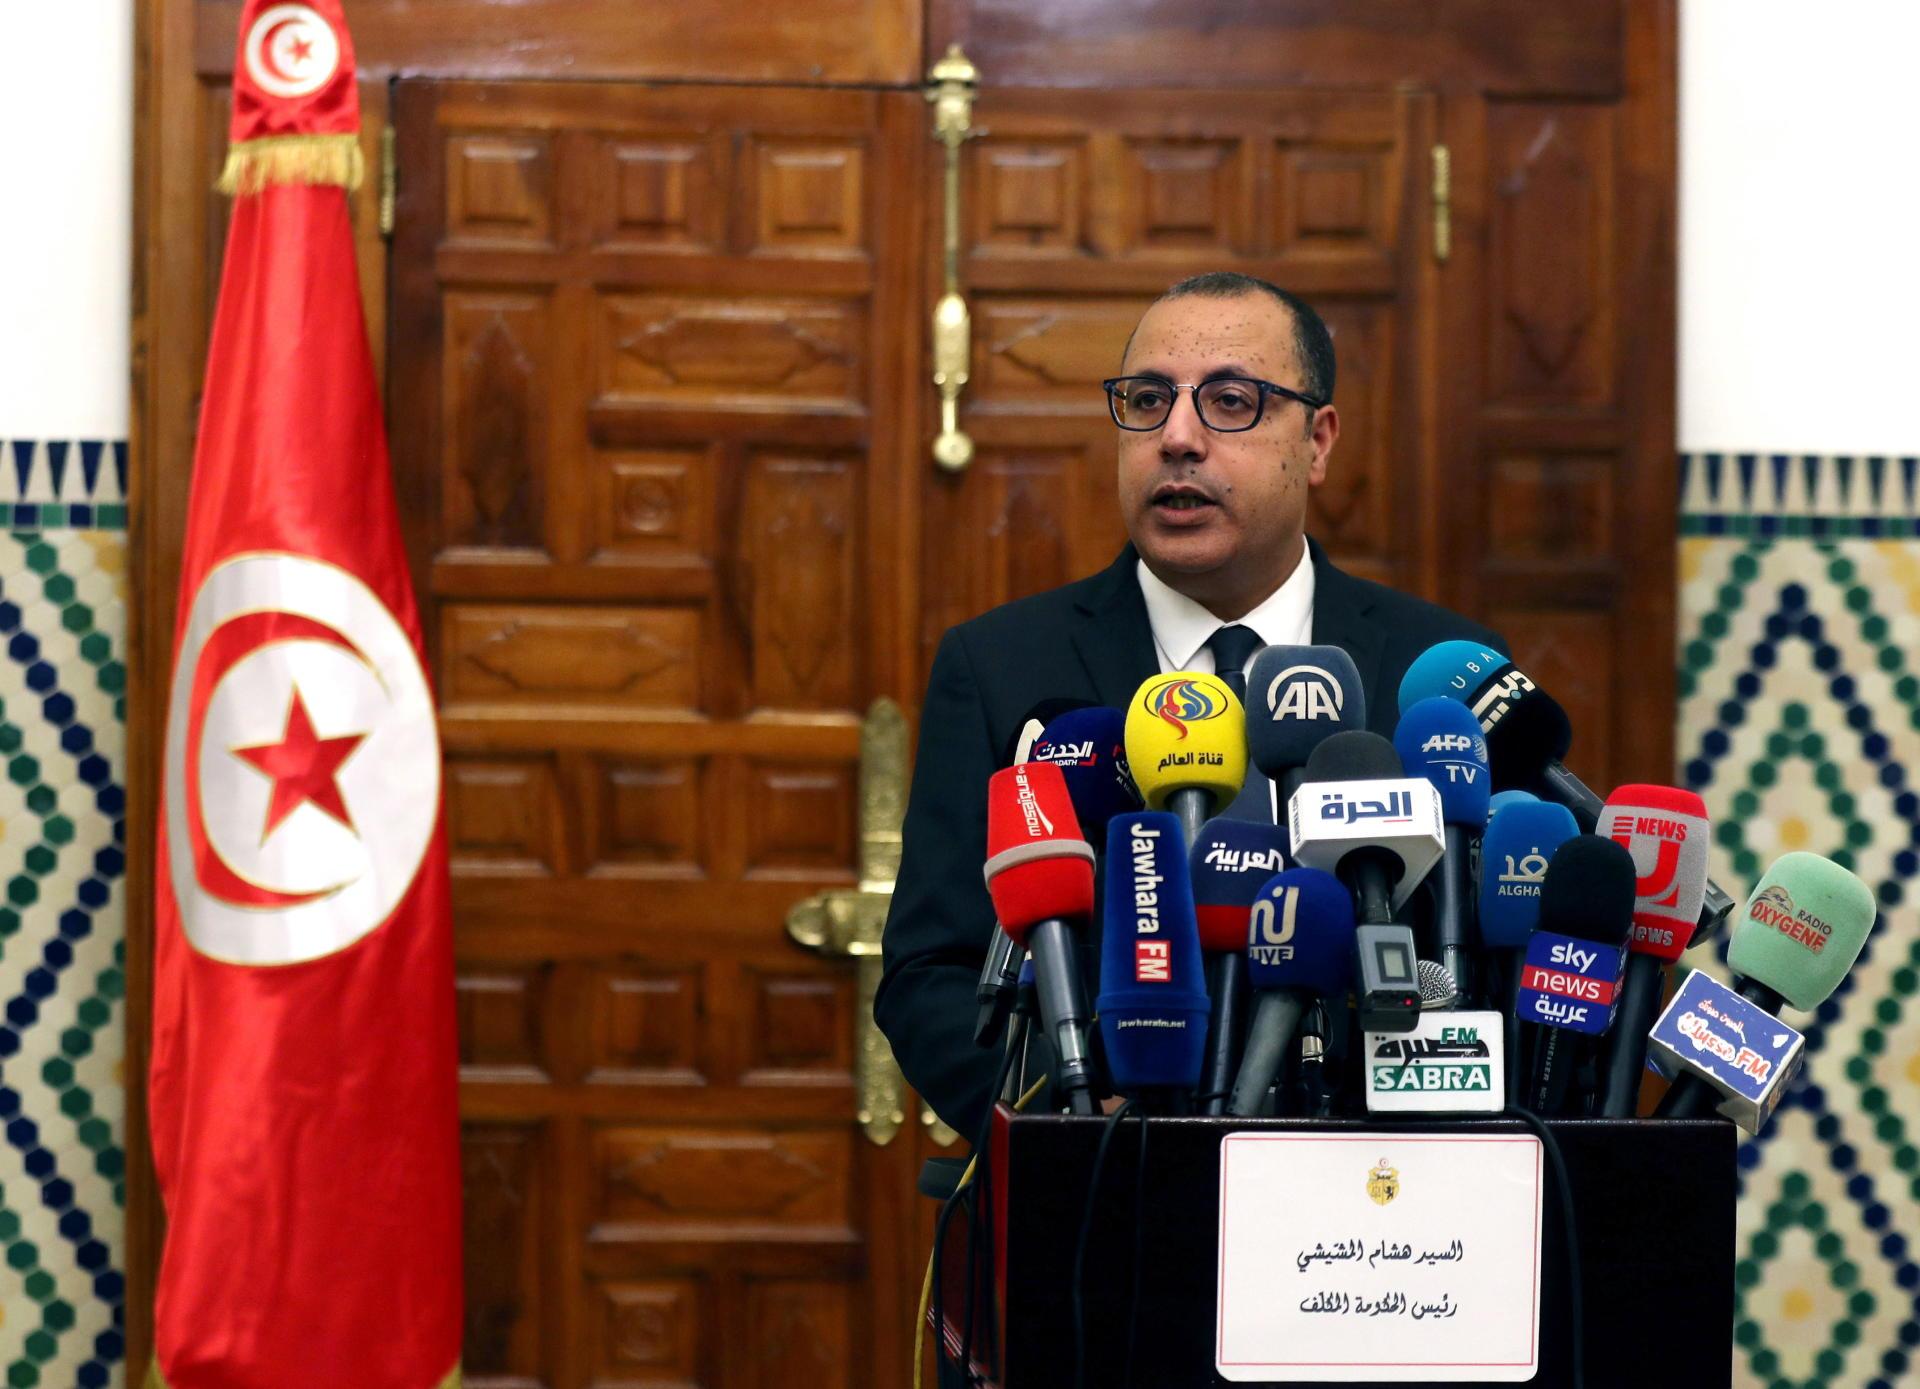 Le Premier Ministre Tunisien Designe Annonce Un Gouvernement De Technocrates Le Temps